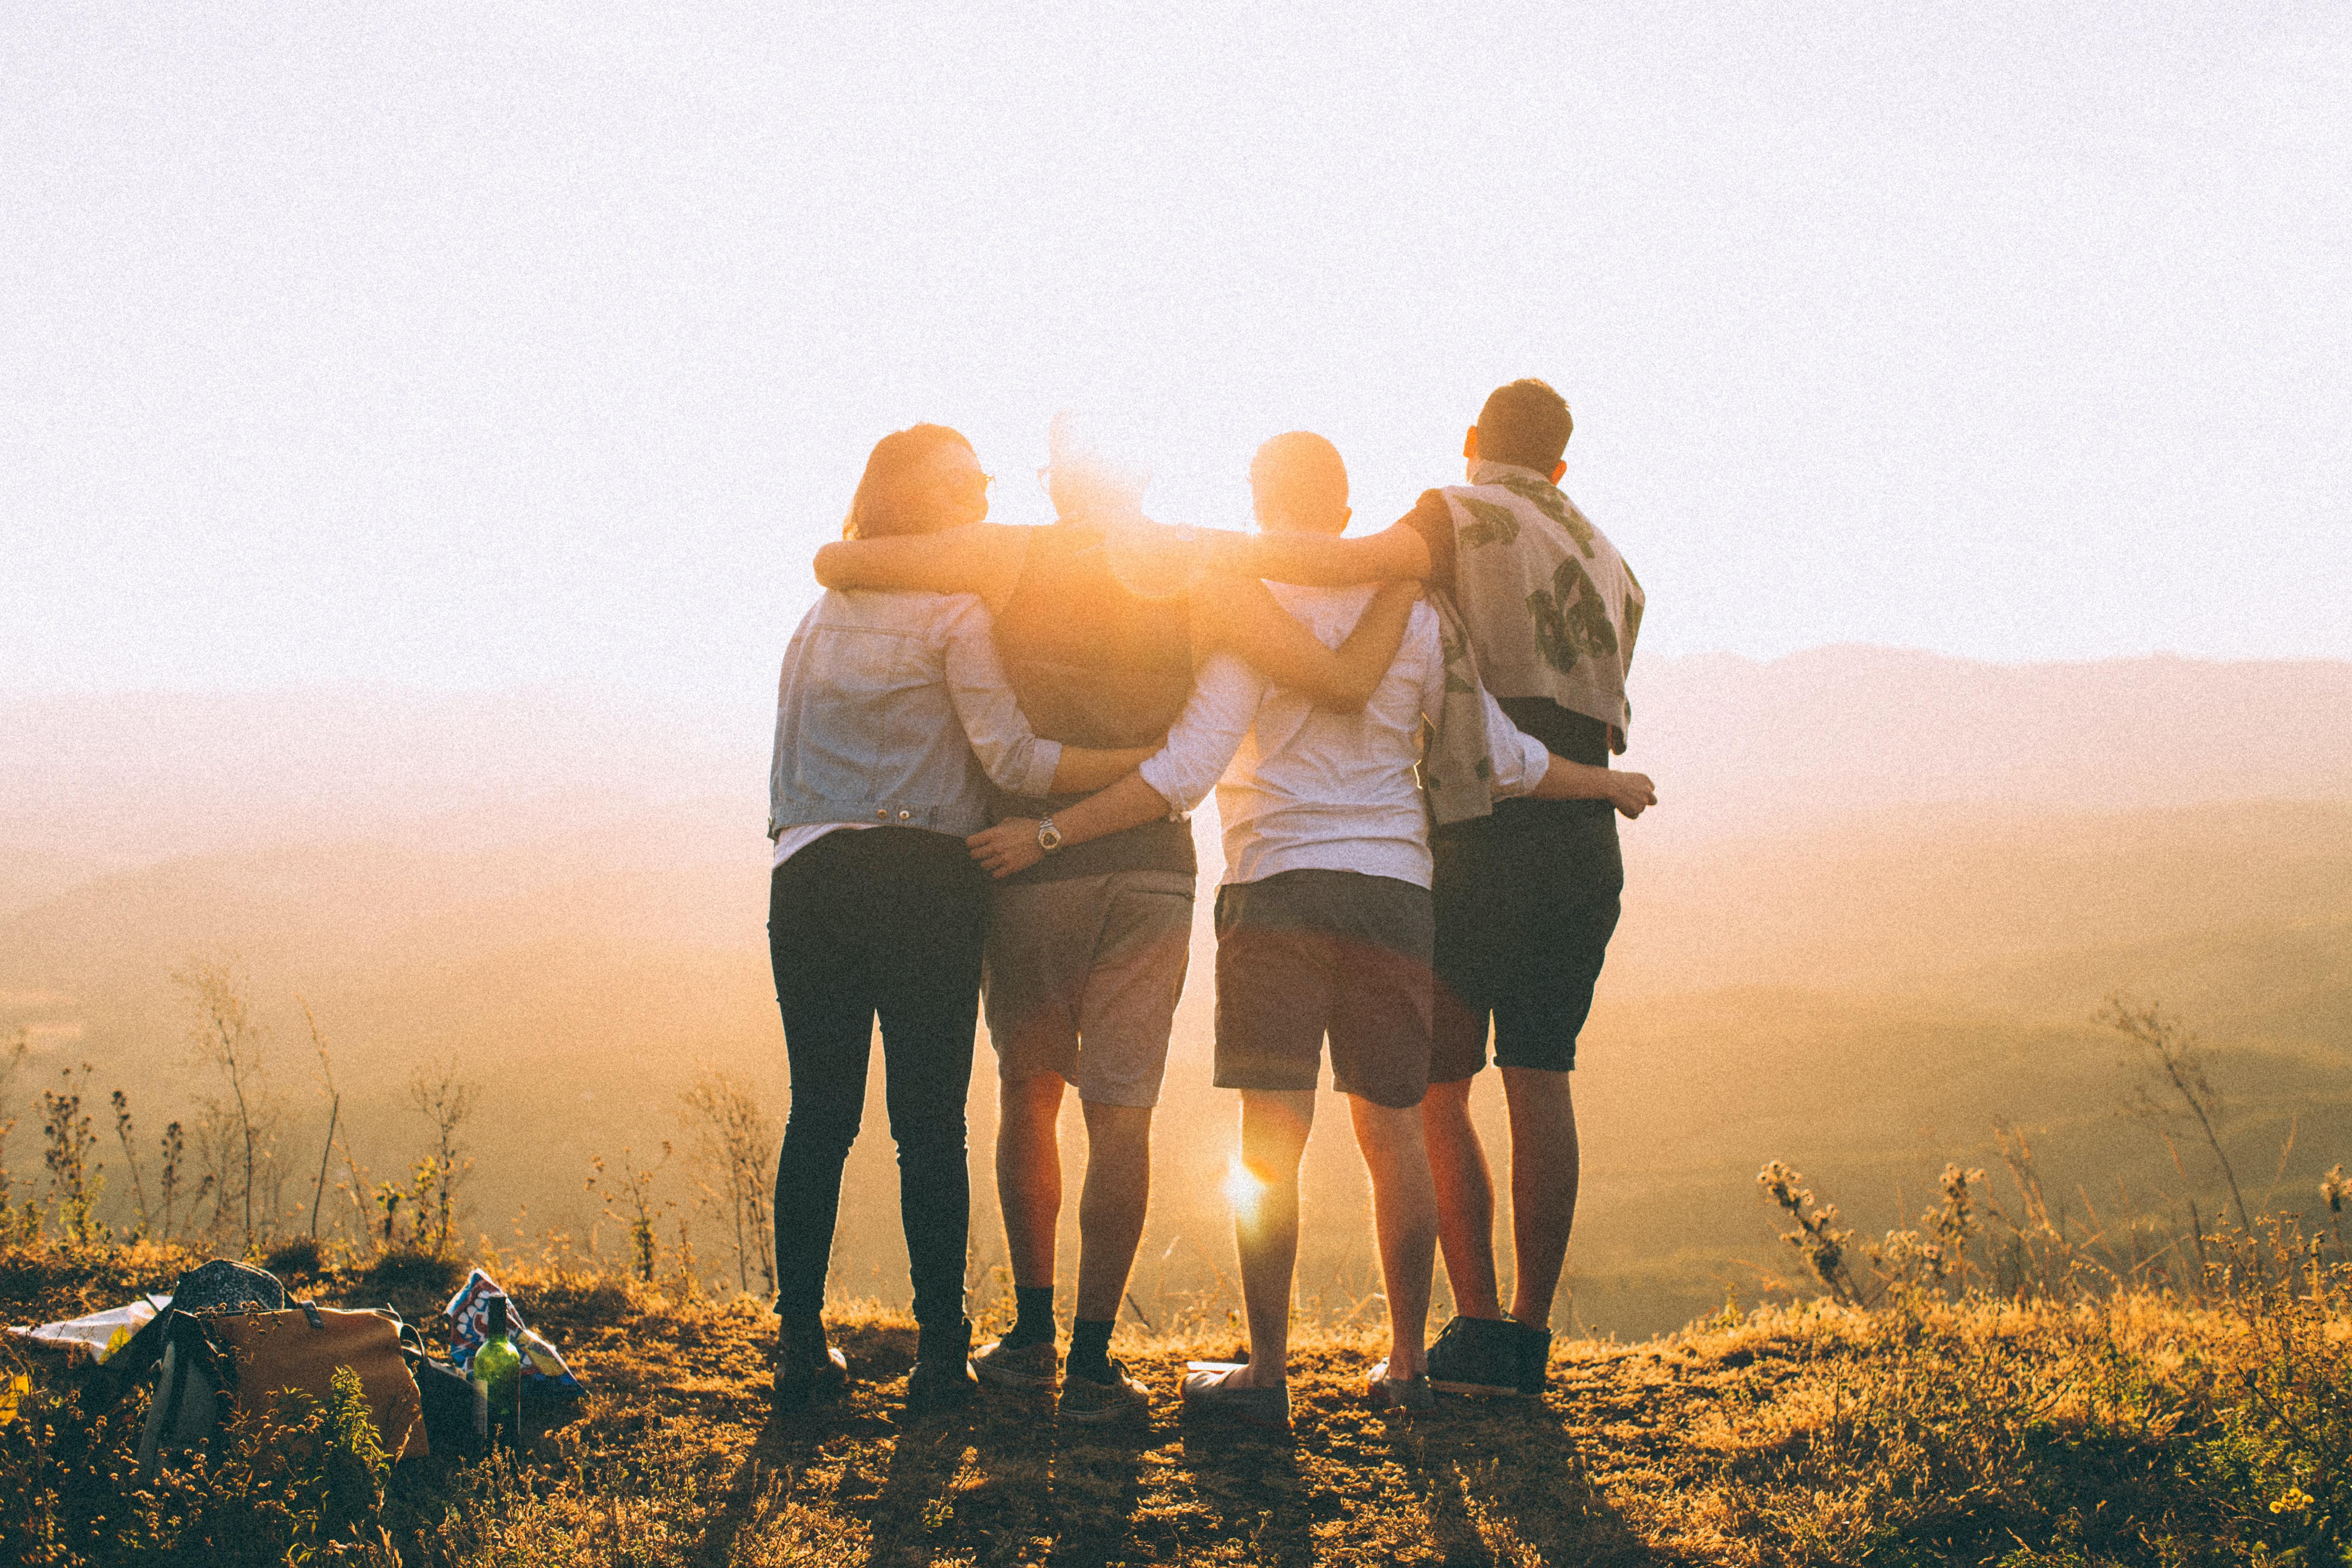 Grupo de amigos abrazándose